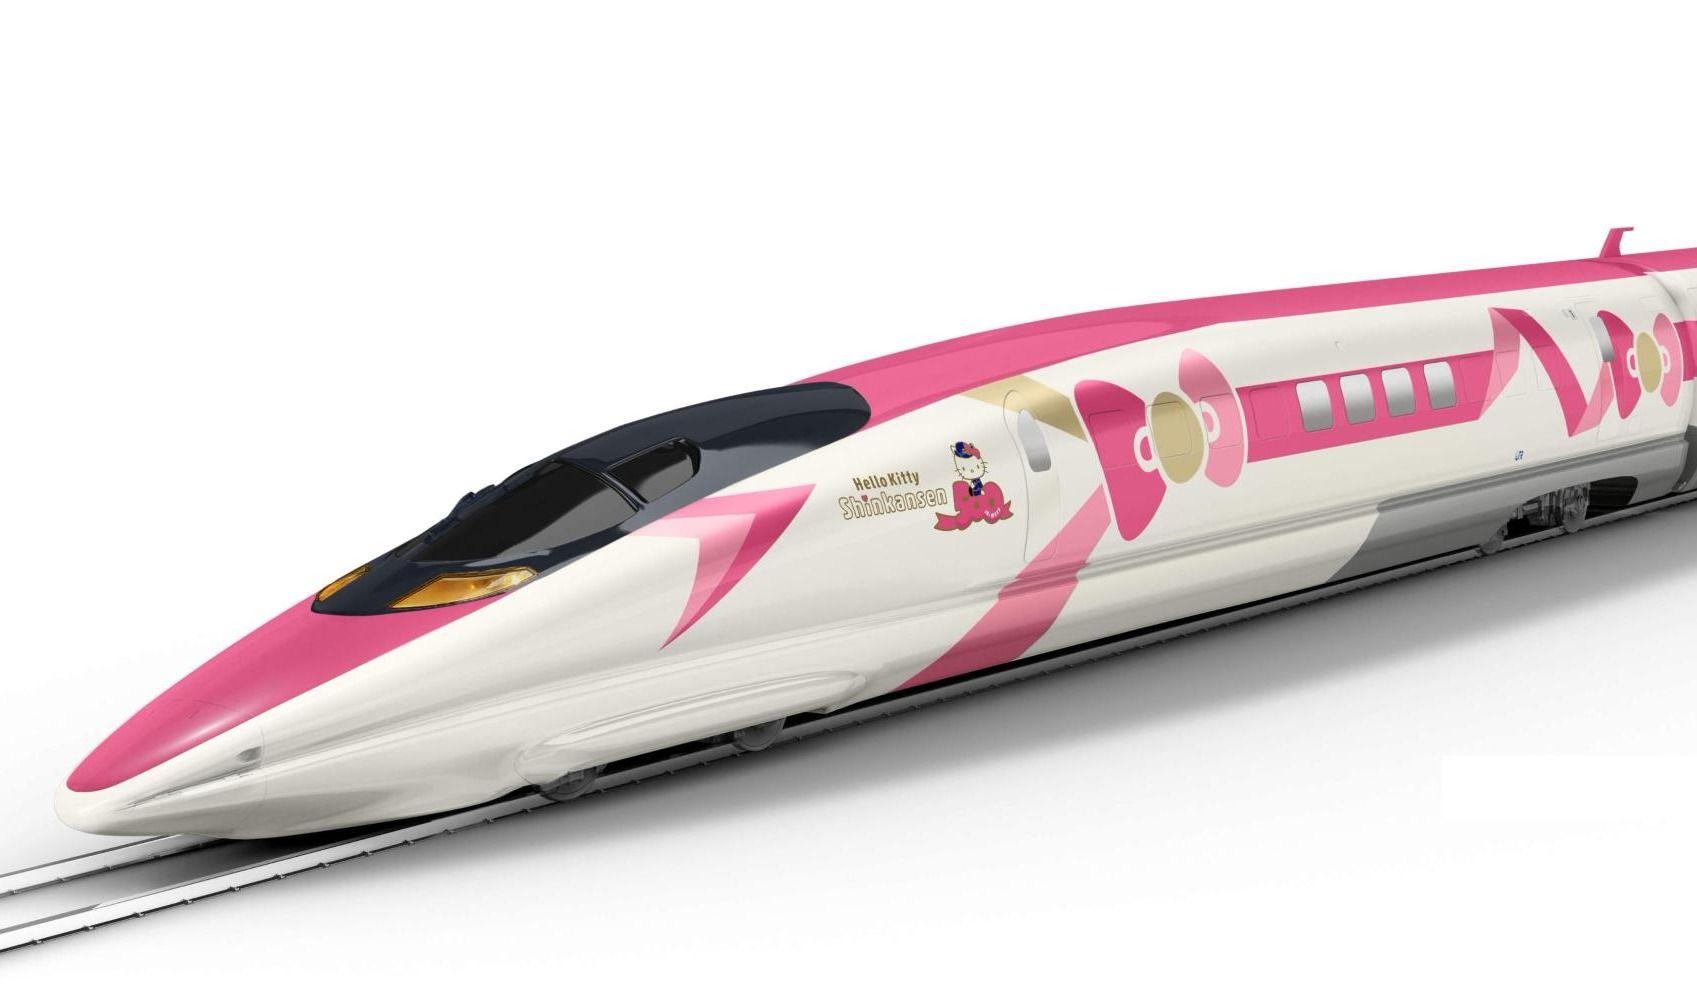 Un train à grande vitesse Hello Kitty